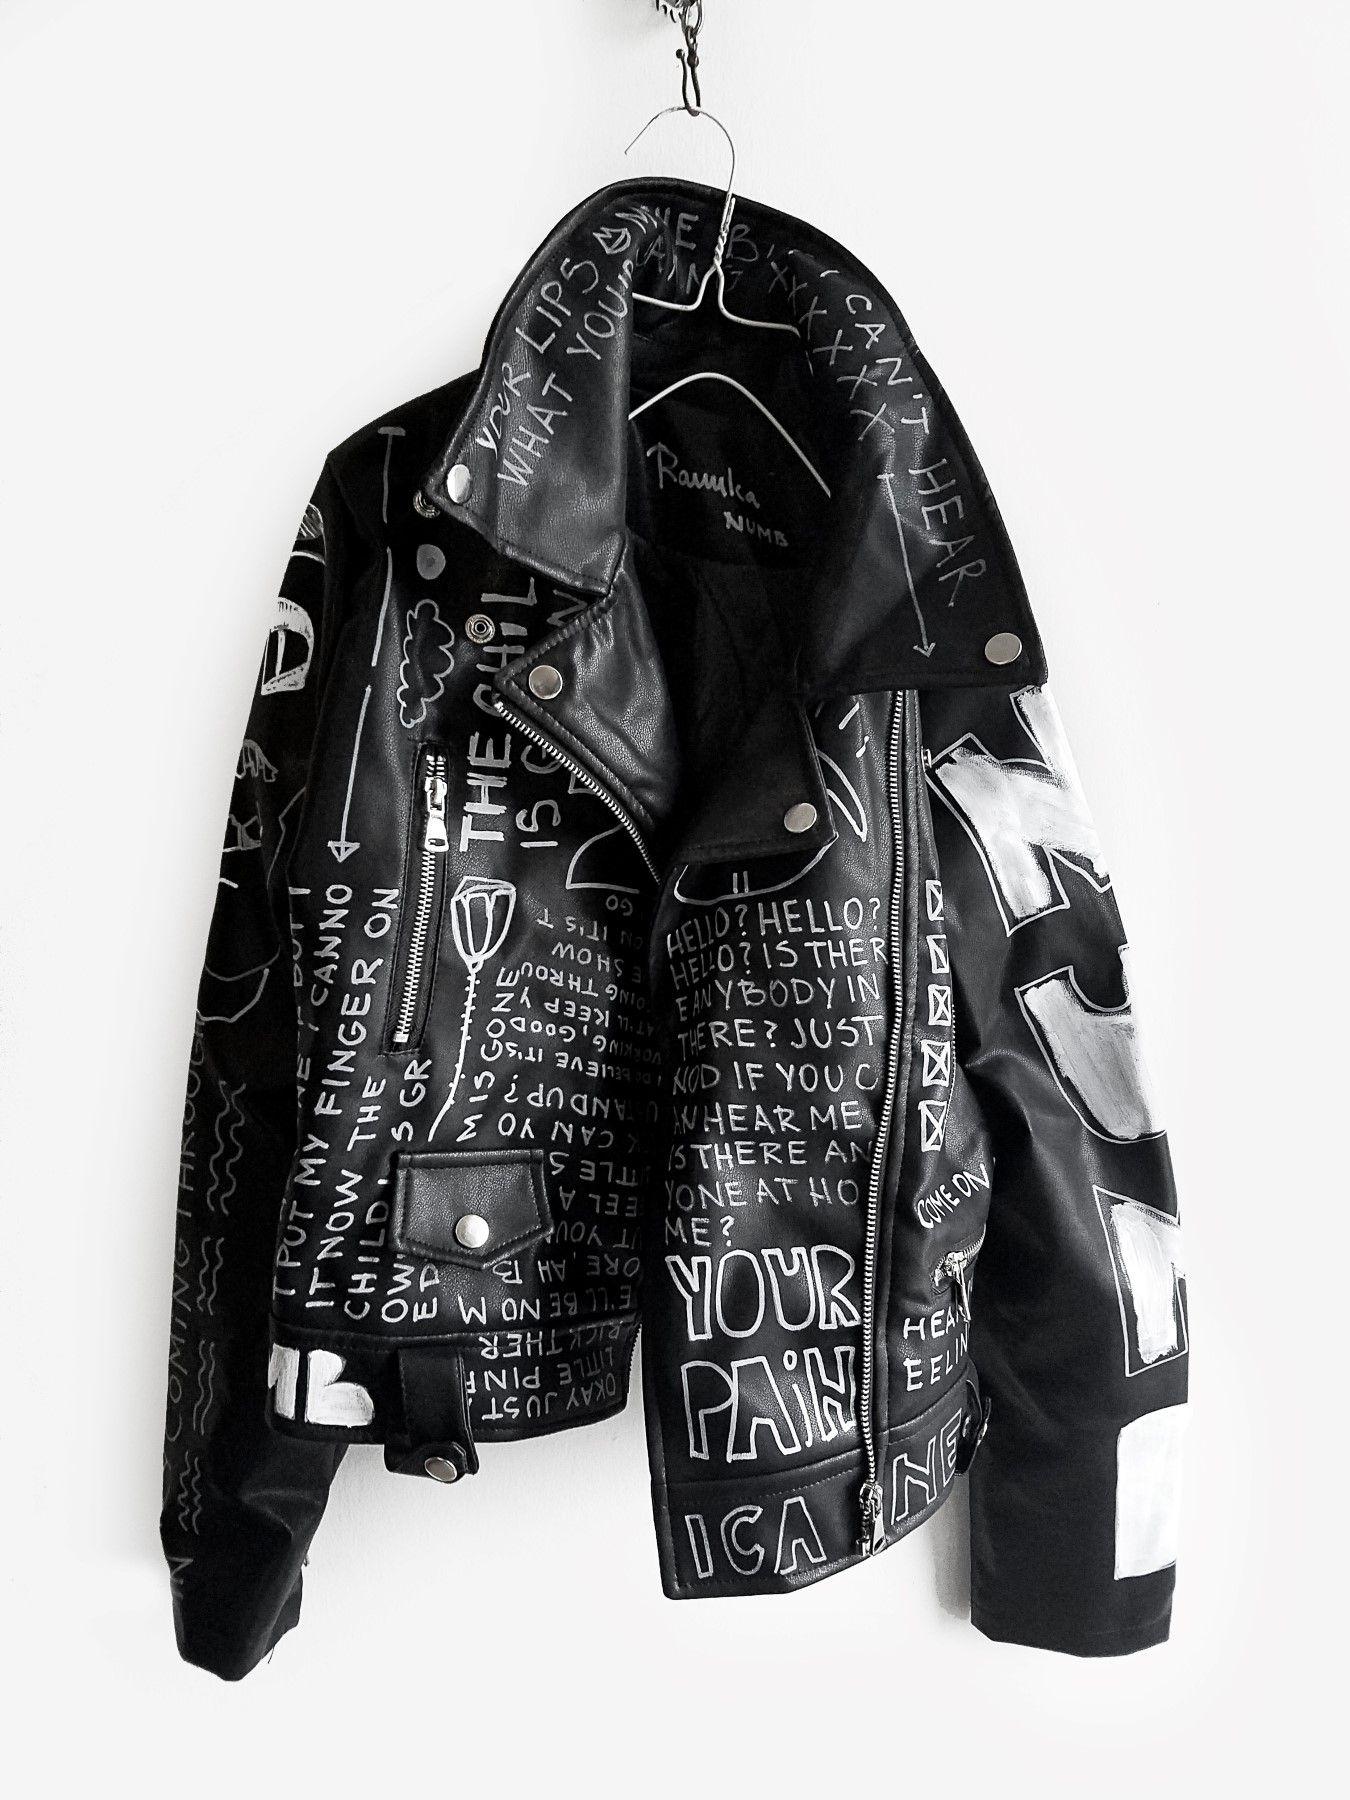 Numb hand painted black jacket Painted leather jacket